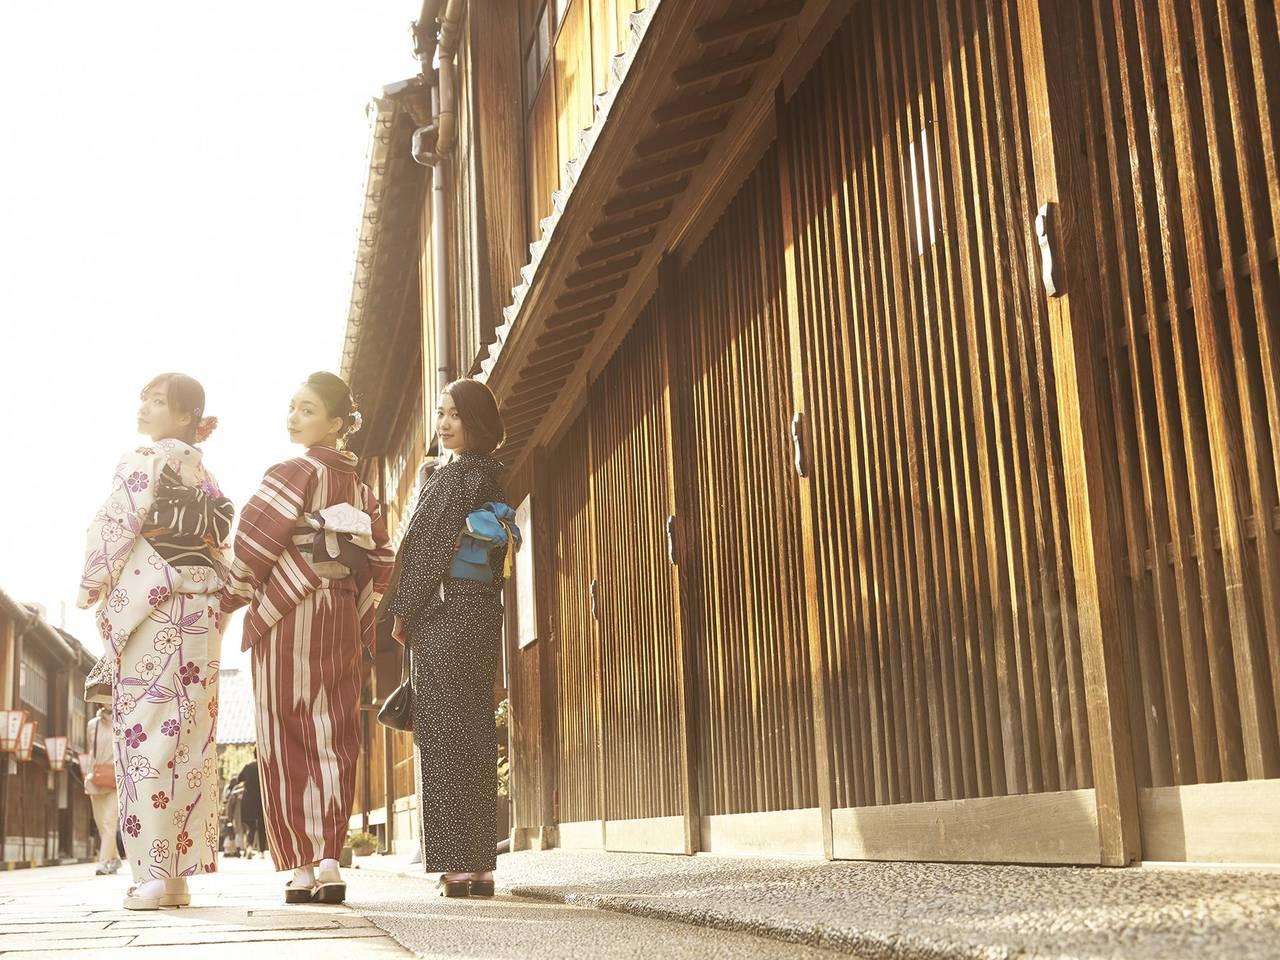 【金澤時尚閨蜜旅遊☆】金澤的經典觀光美食景點